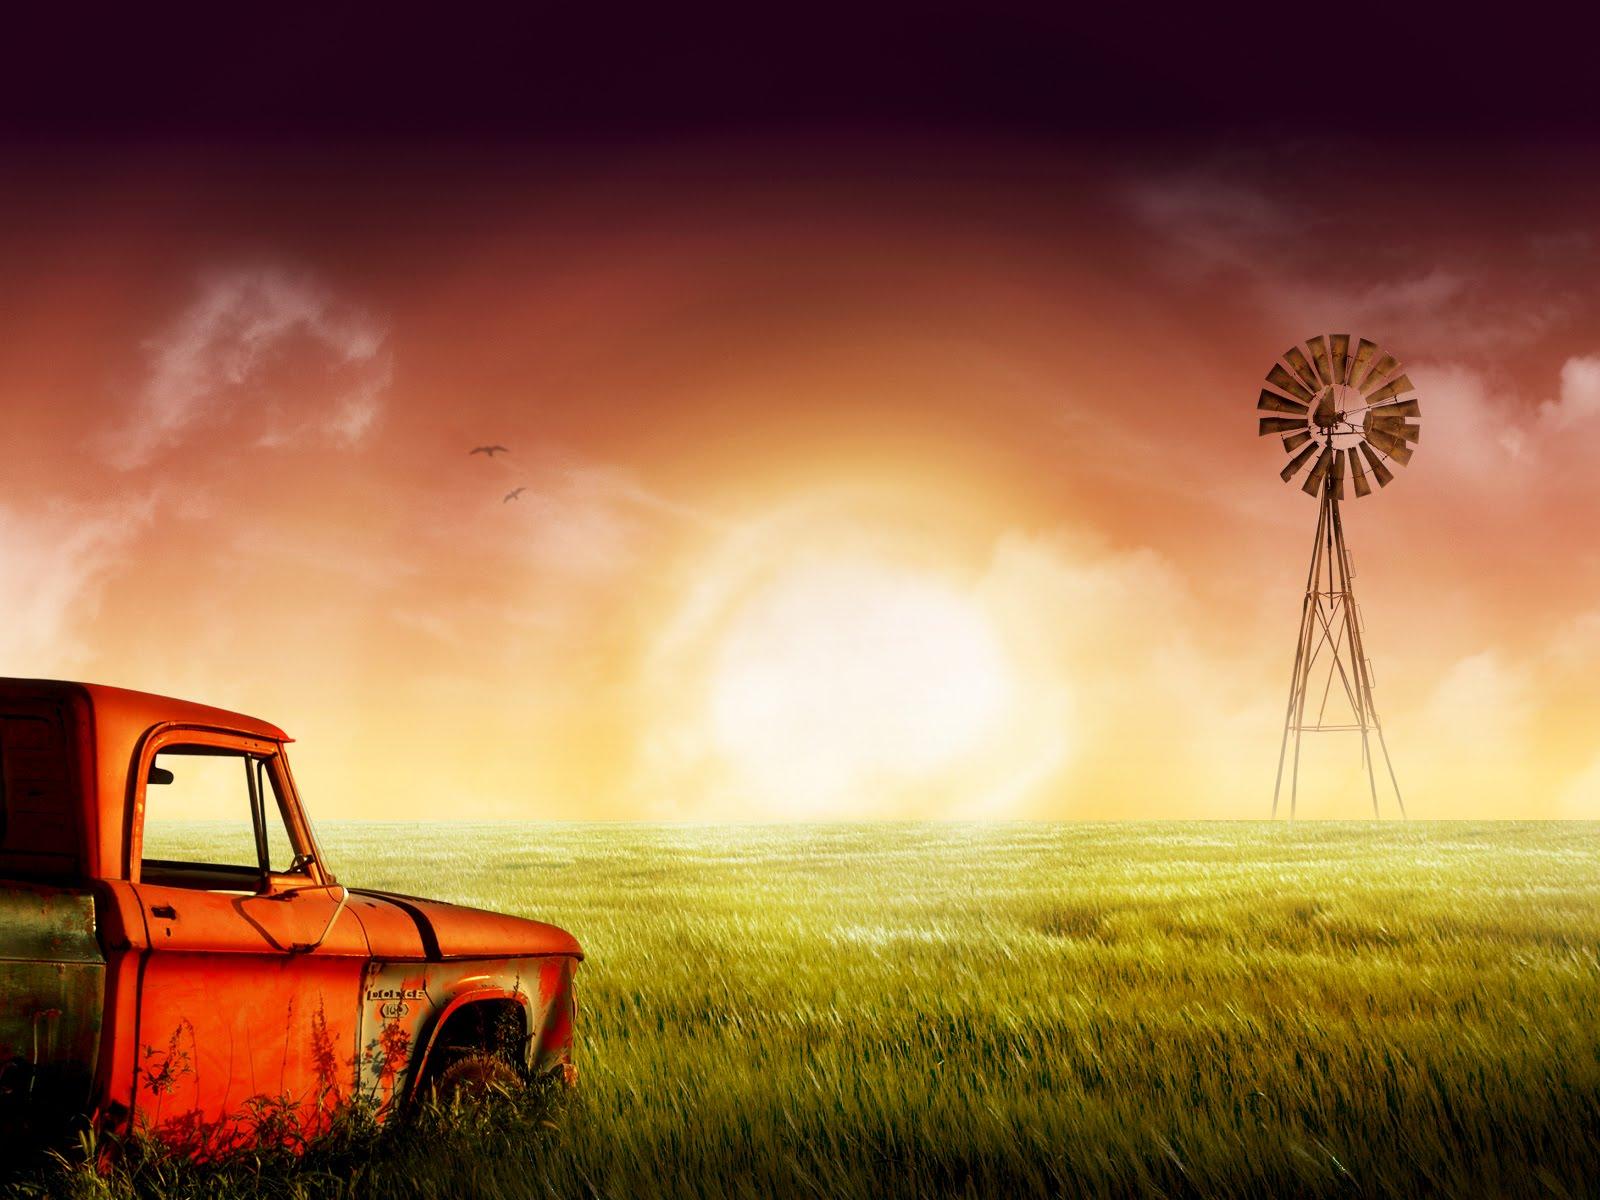 http://4.bp.blogspot.com/_Y8dVgrlzuG0/TDJdAFvTlZI/AAAAAAAAIXs/a9AUq-uSWpQ/s1600/windmill+5.jpg